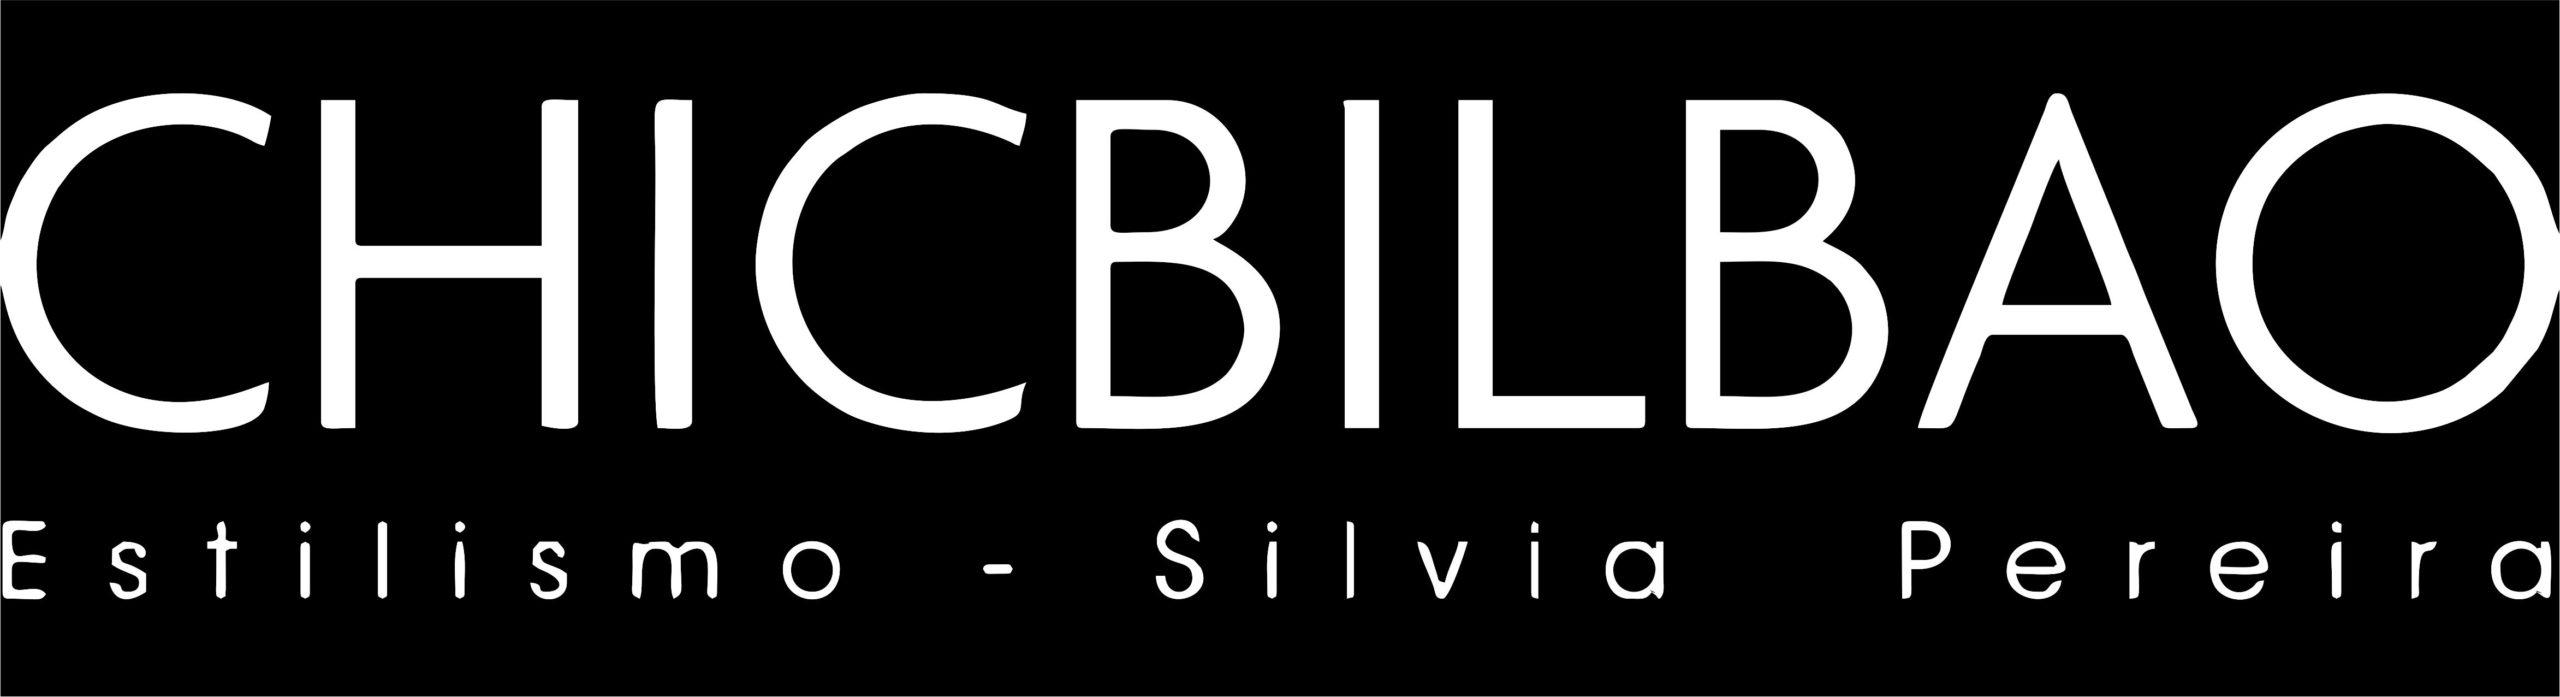 Chic Bilbao Estilismo - Creamos moda y estilo a tu imagen.